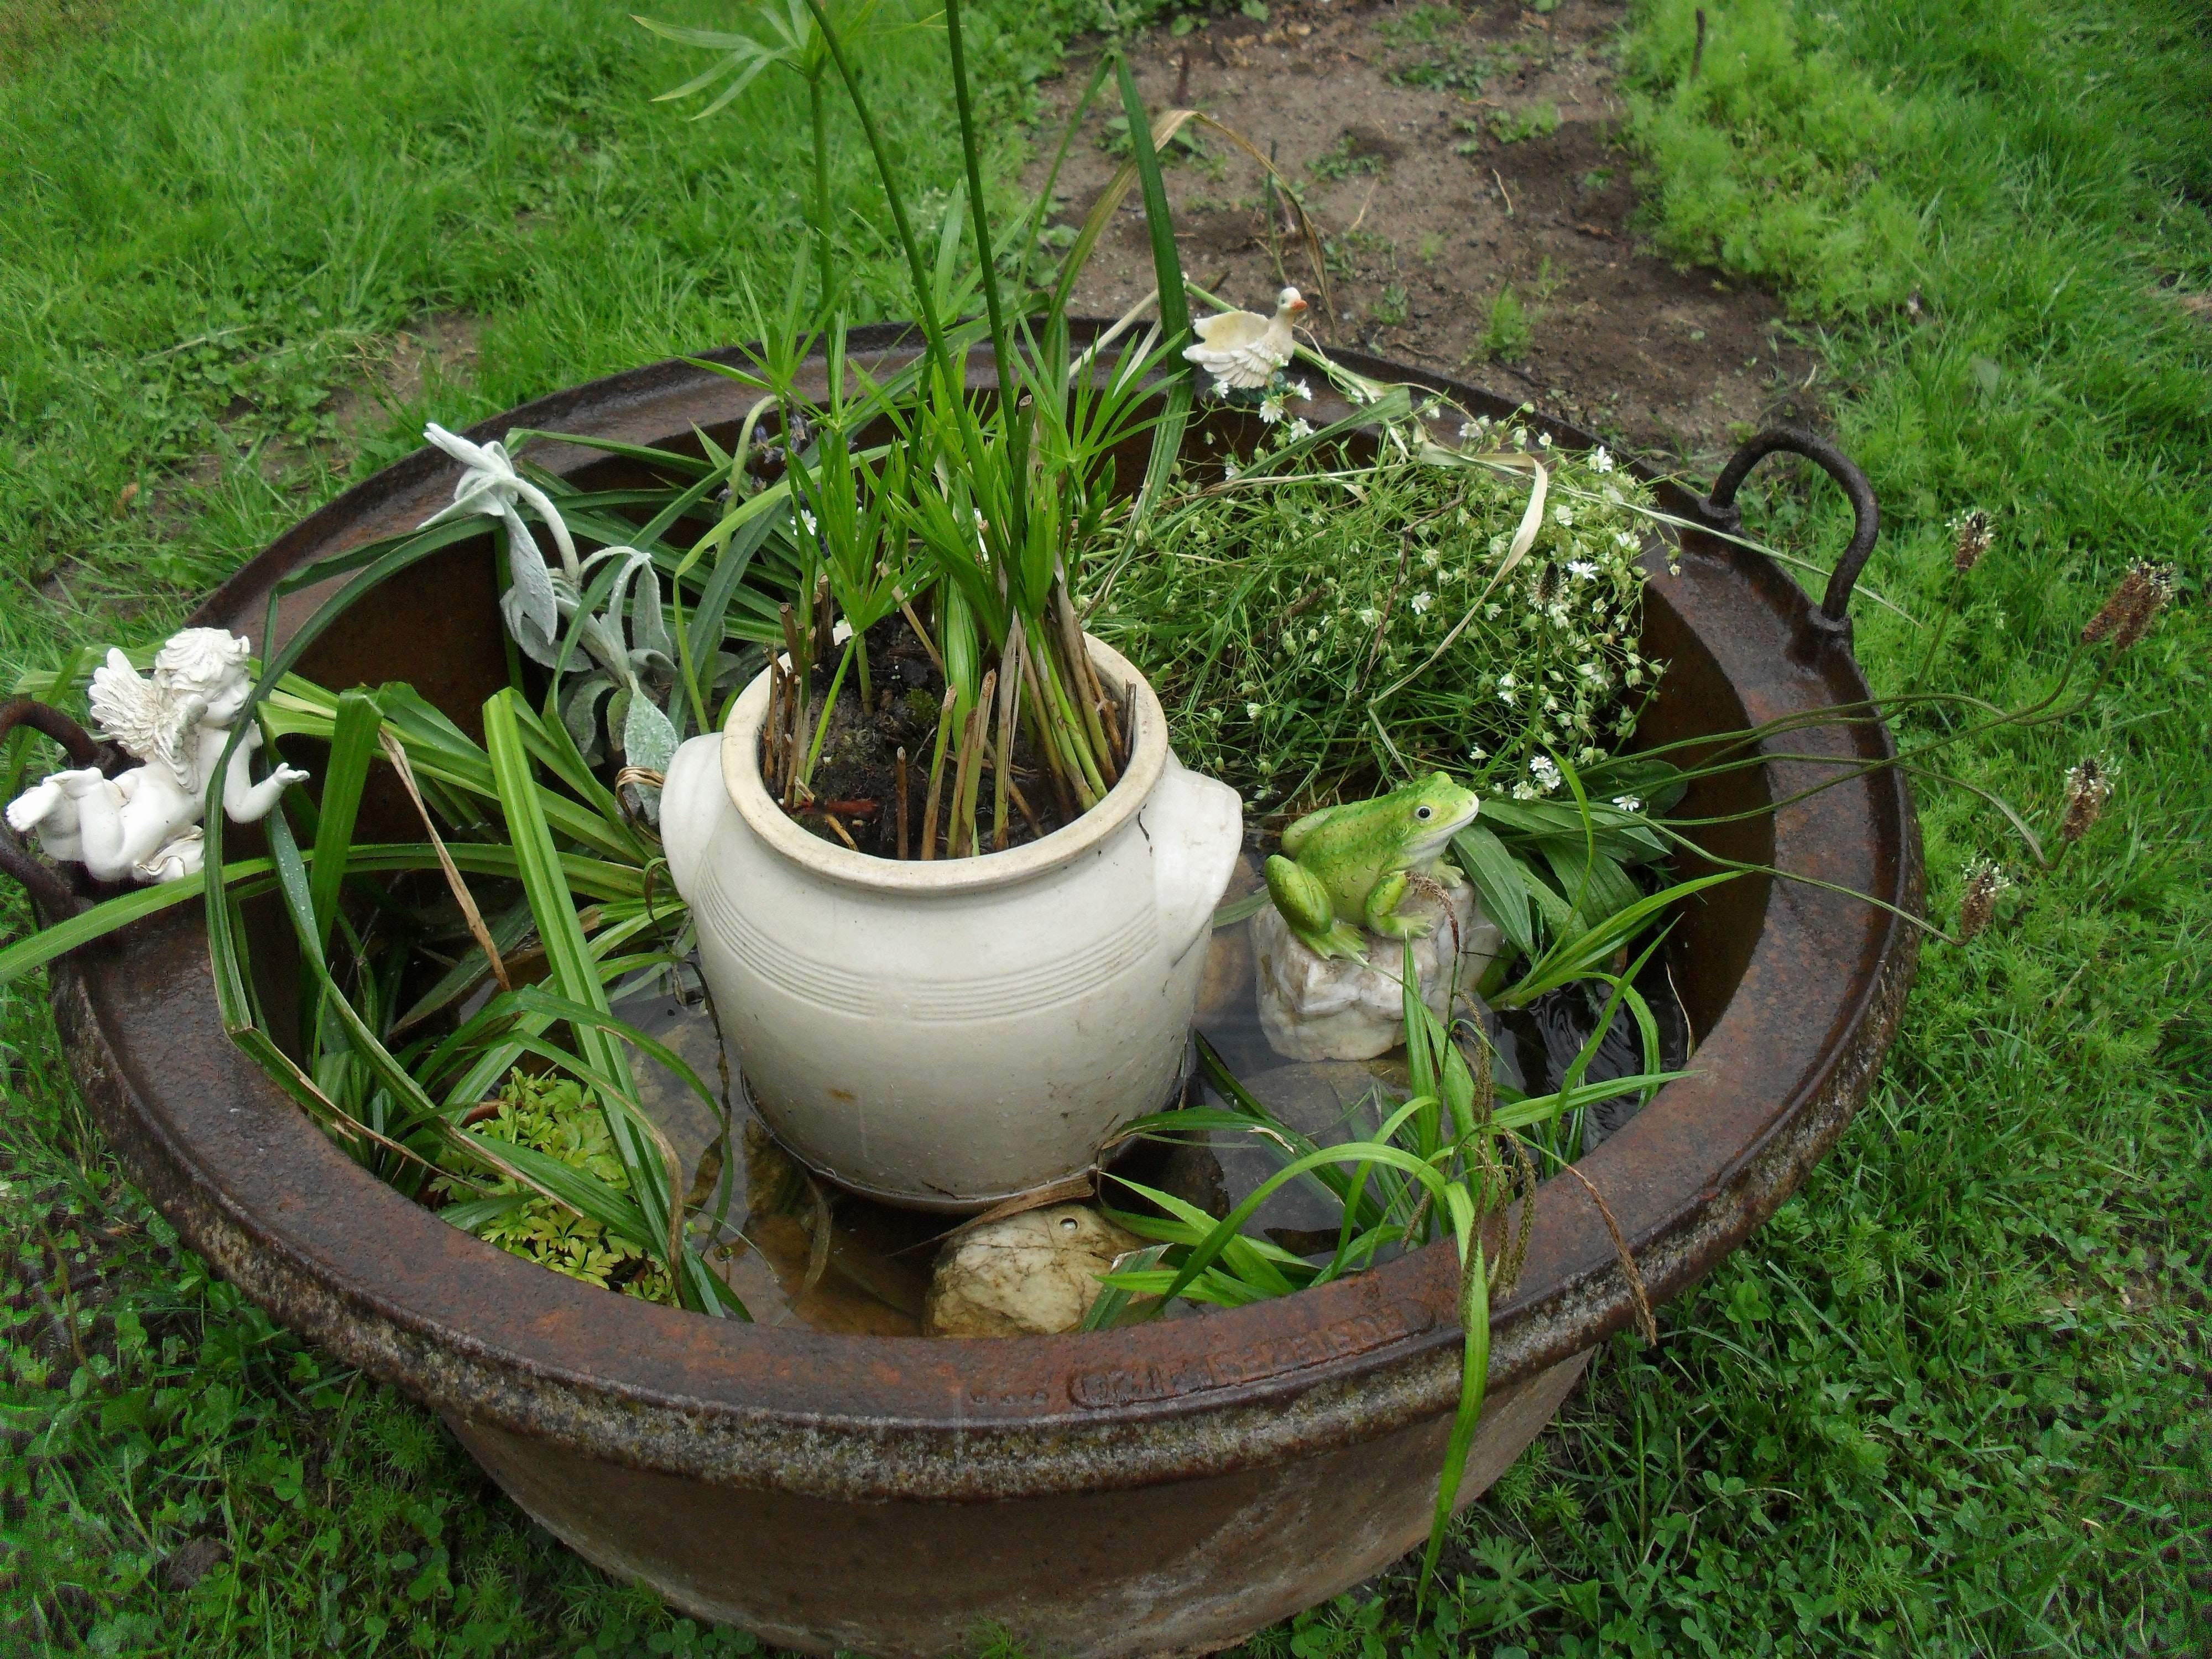 Fontaine De Jardin Jardiland Élégant Collection 13 Beau Fontaine De Jardin Jardiland Galerie De Cuisine Jardin